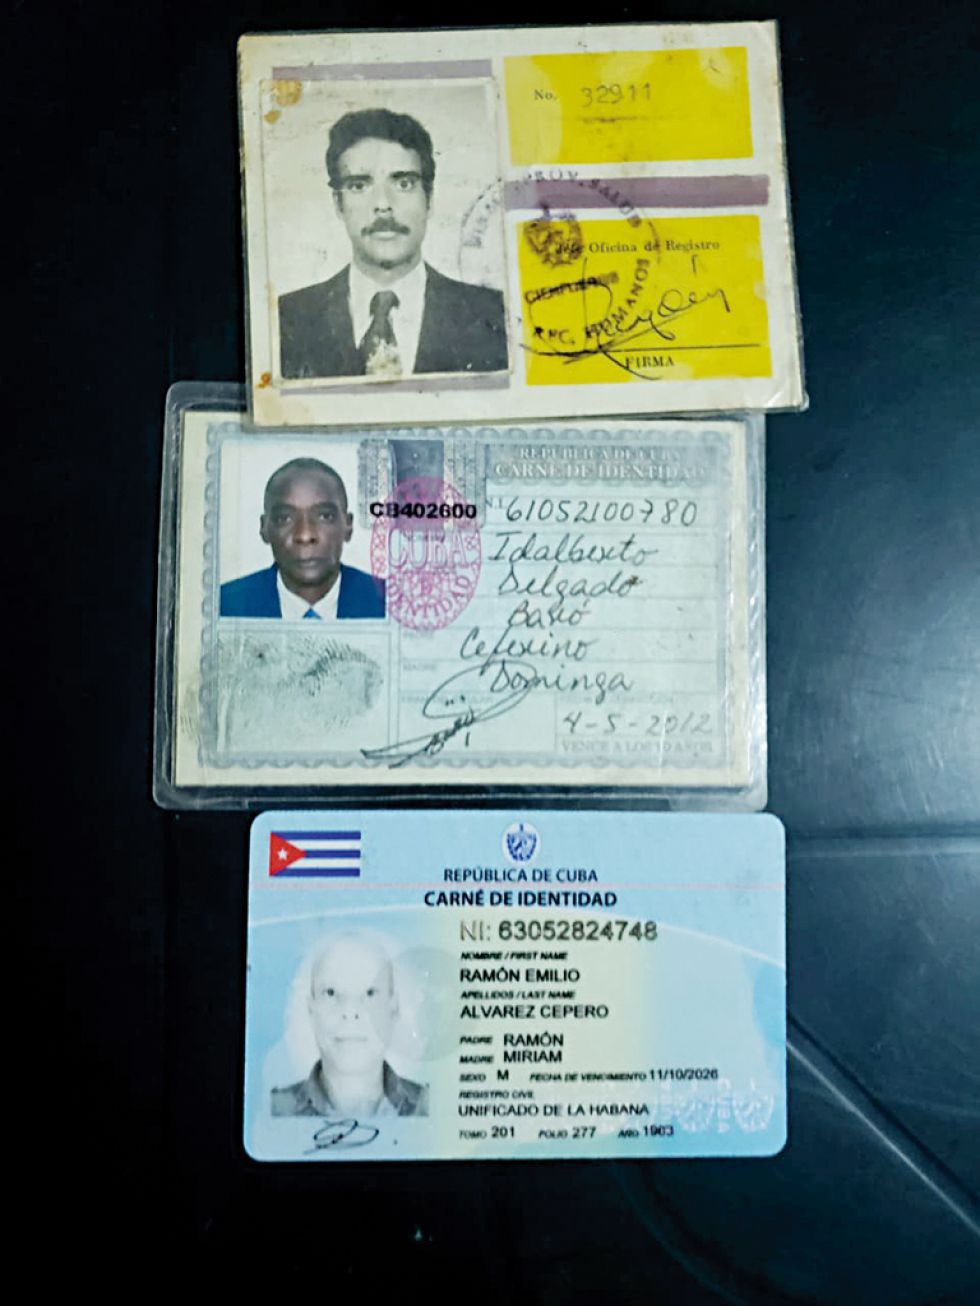 DECOMISO. La documentación y el dinero encontrados en poder de los ciudadanos cubanos.